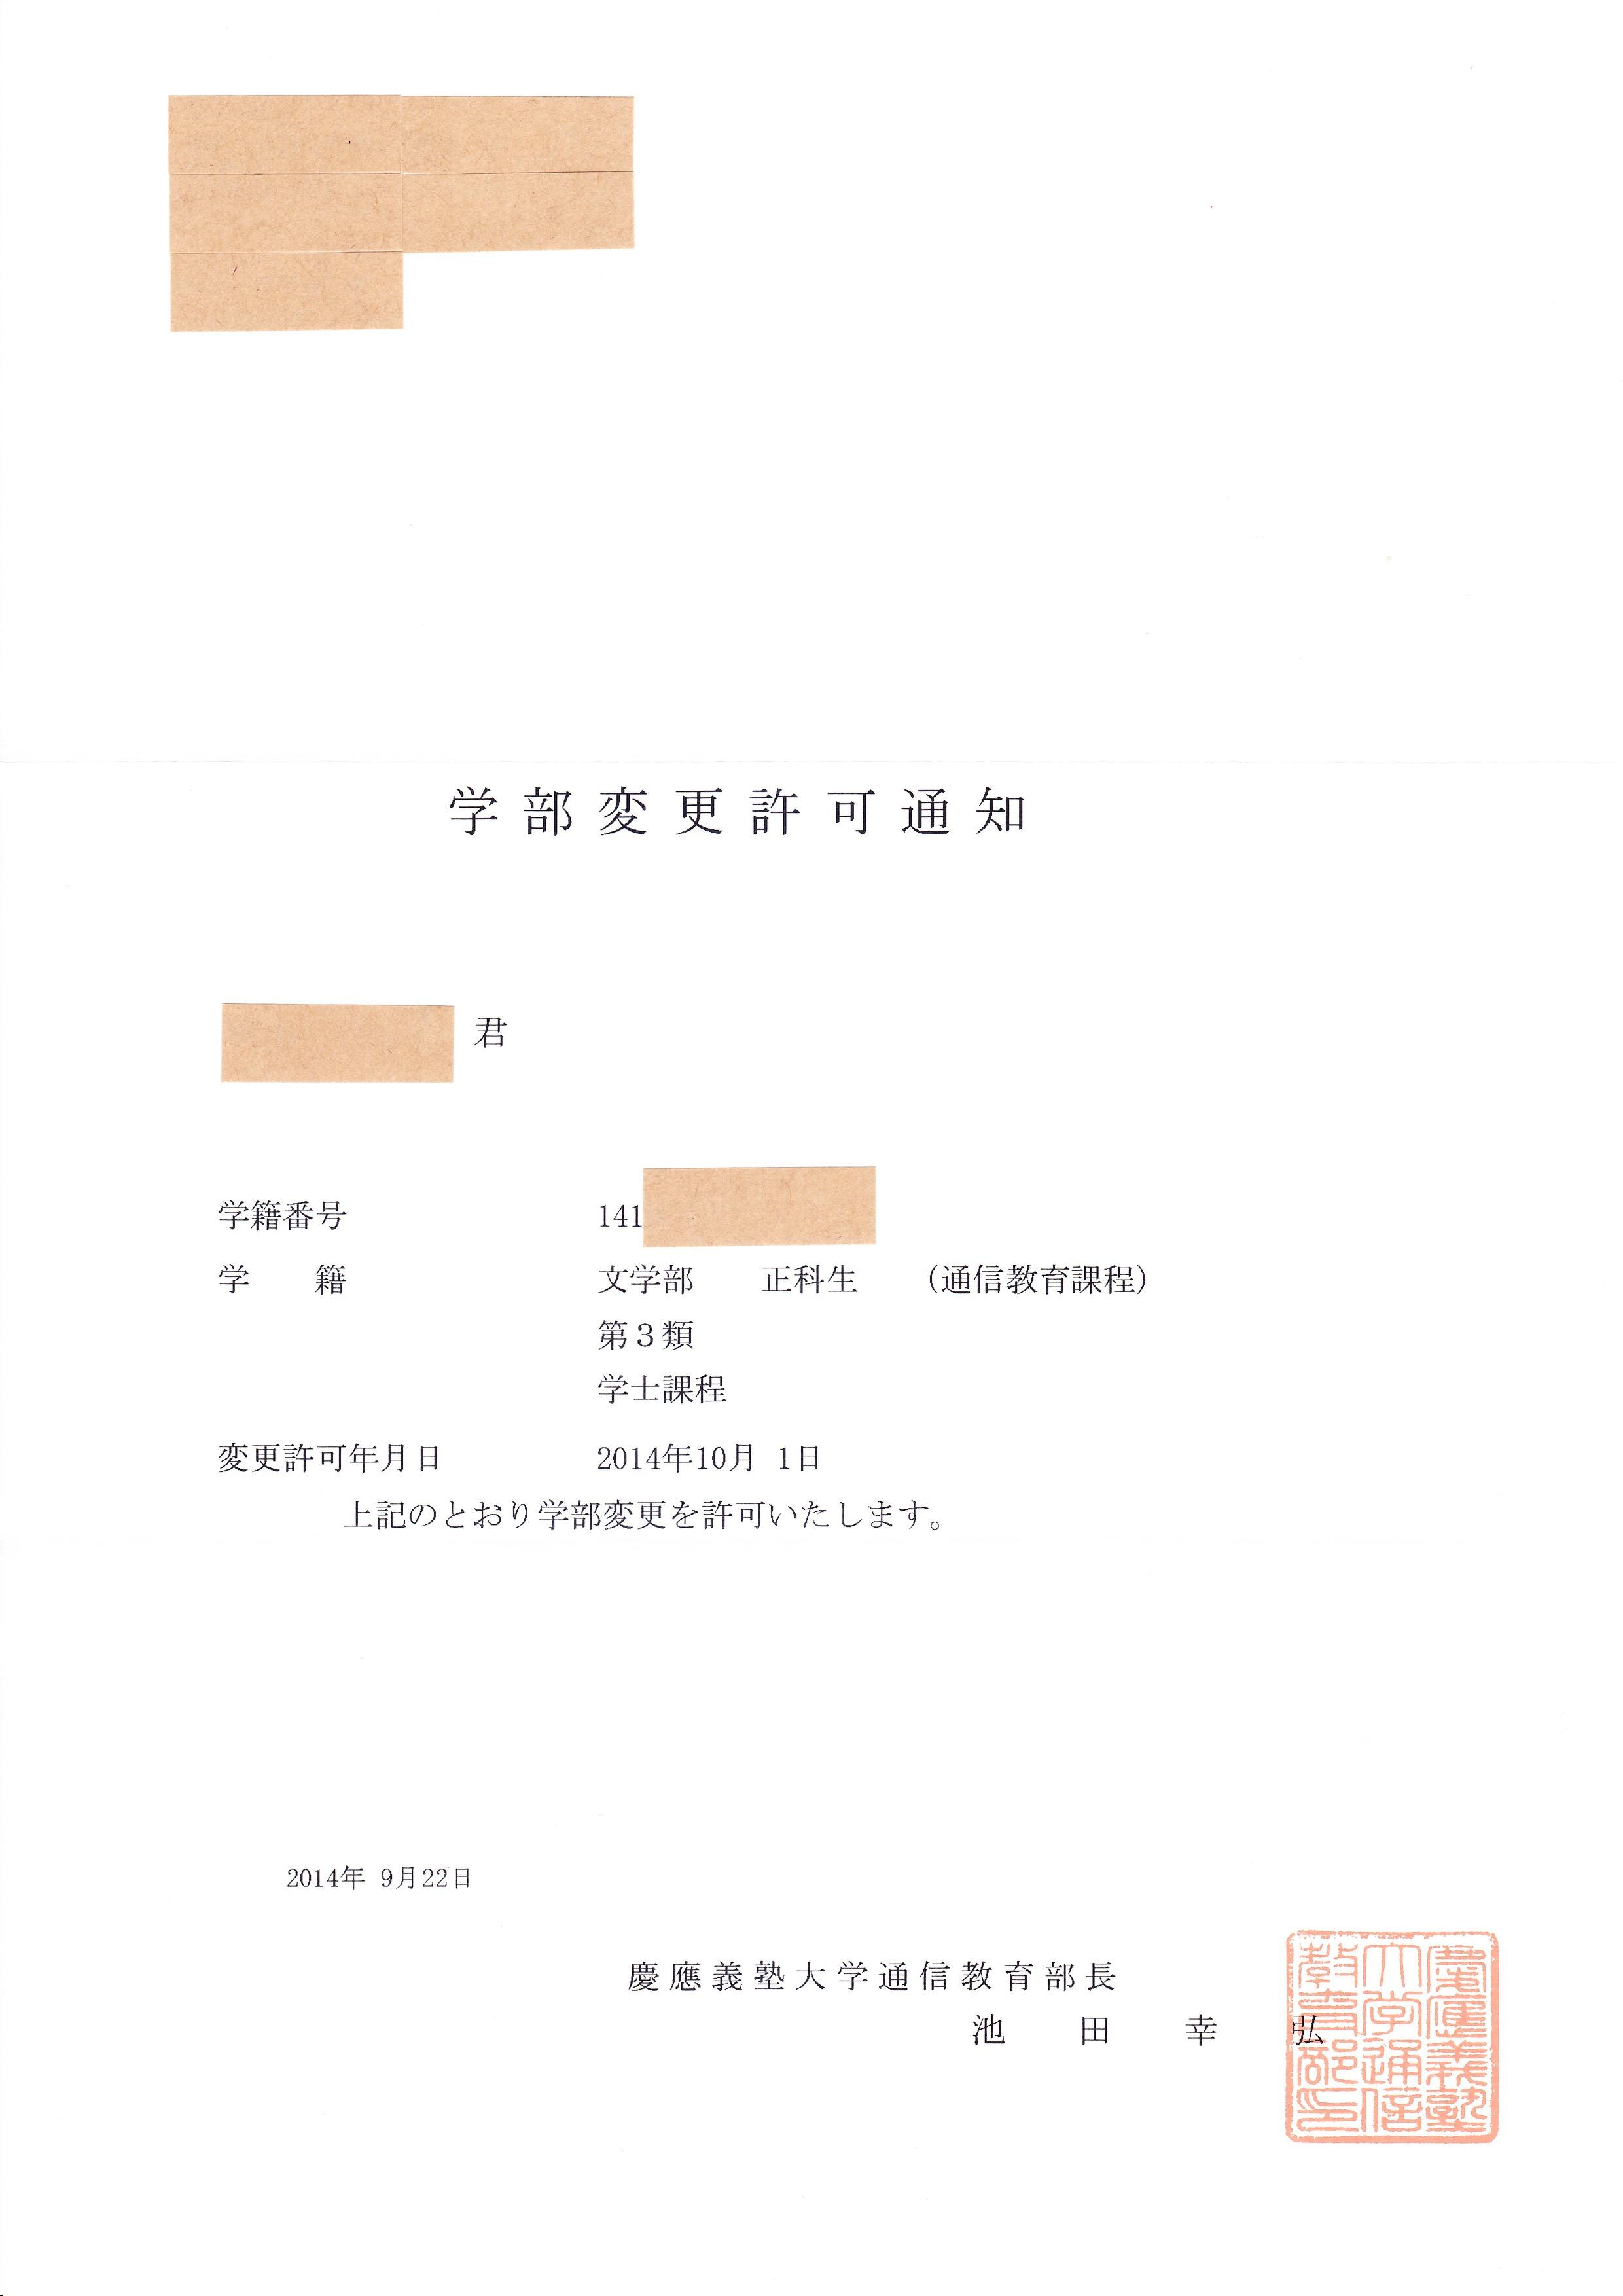 20140923 gakubu henkou kyoka tsuchi